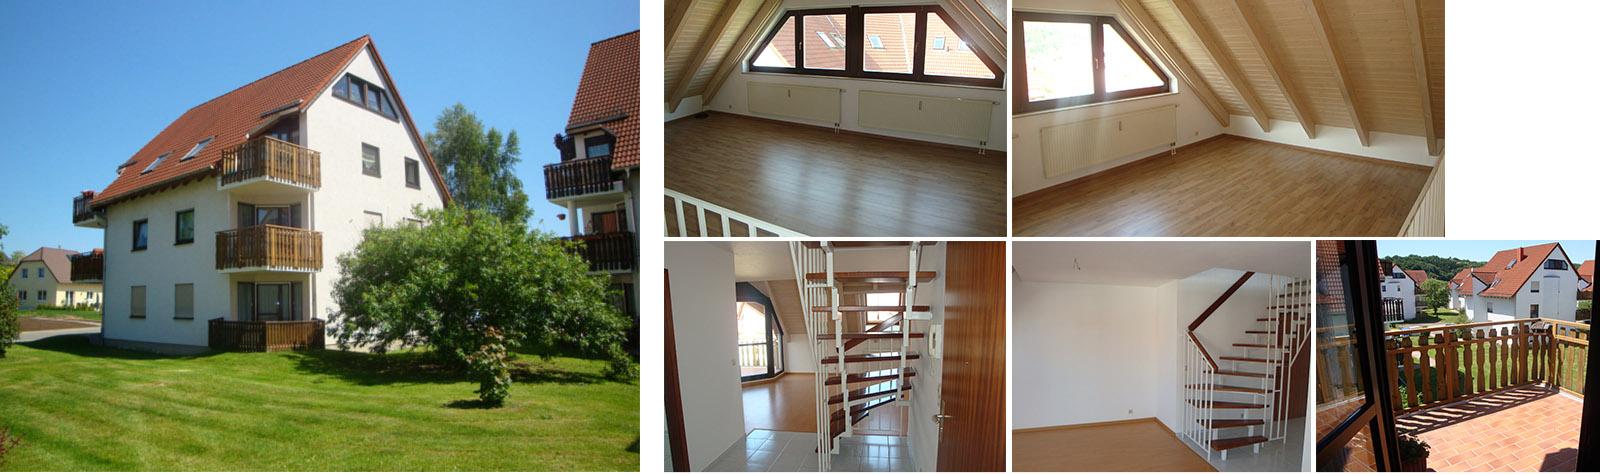 ekkert immobilien immobilien angebote chemnitz sachsen wohnungen chemnitz. Black Bedroom Furniture Sets. Home Design Ideas